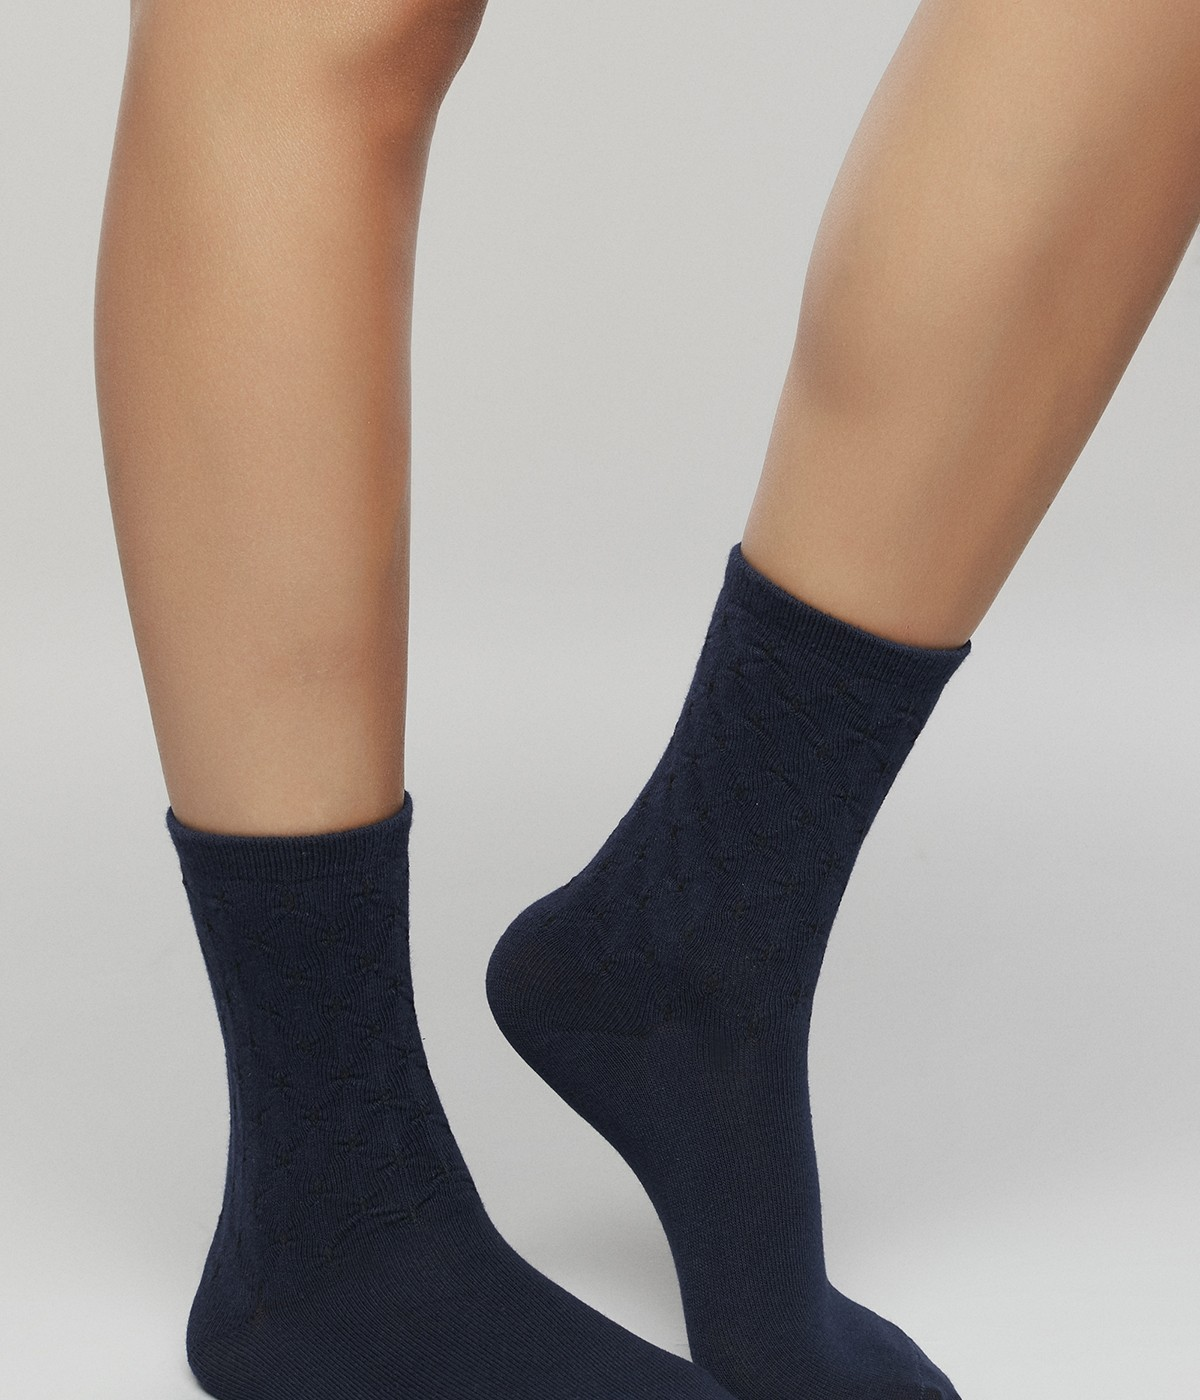 Yumy Socks